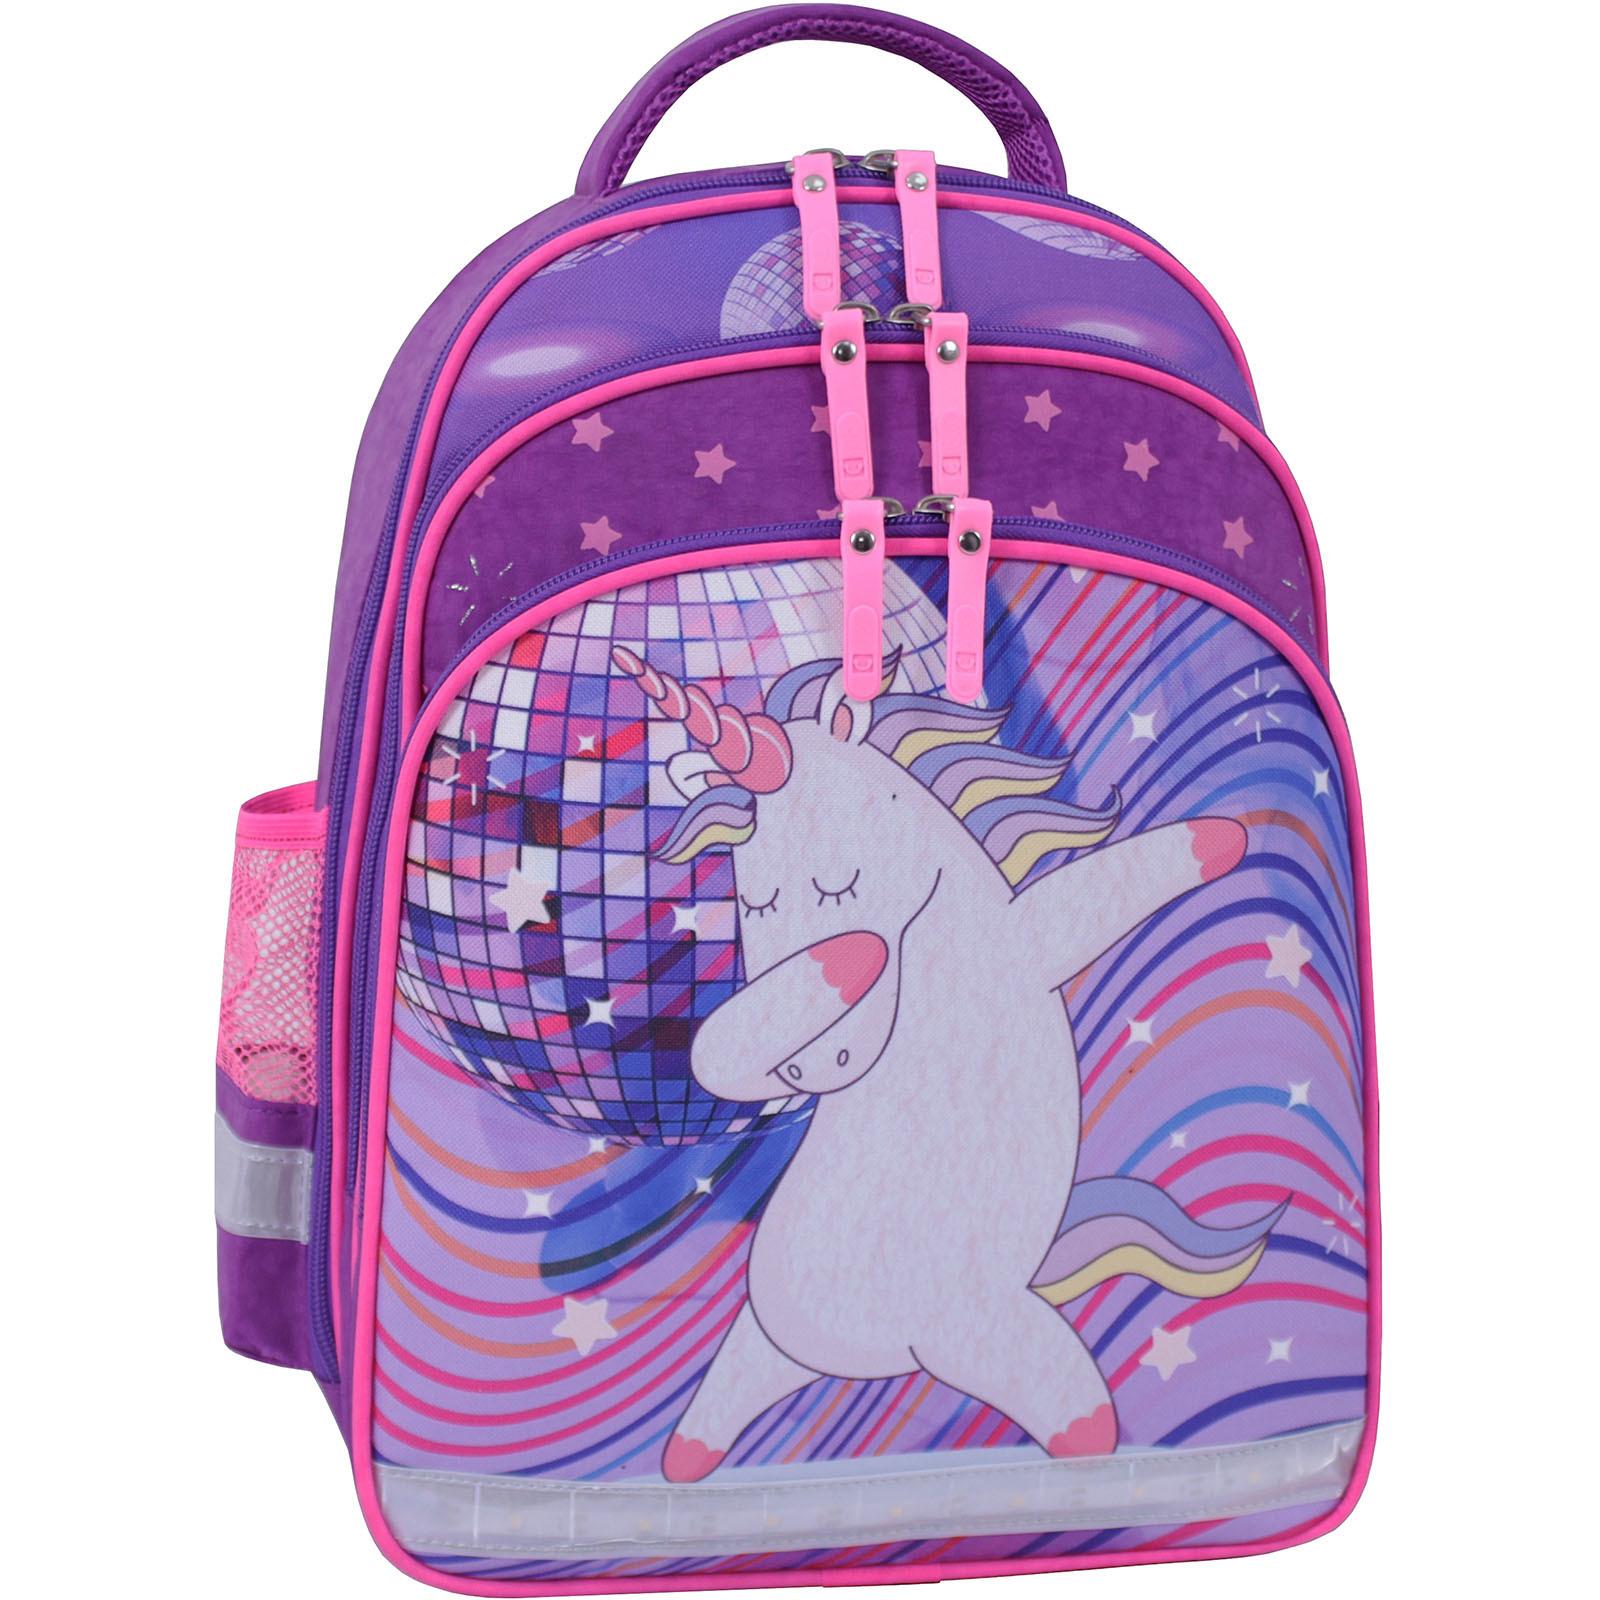 Школьные рюкзаки Рюкзак школьный Bagland Mouse 339 фиолетовый 503 (0051370) IMG_9883_суб.503_.JPG